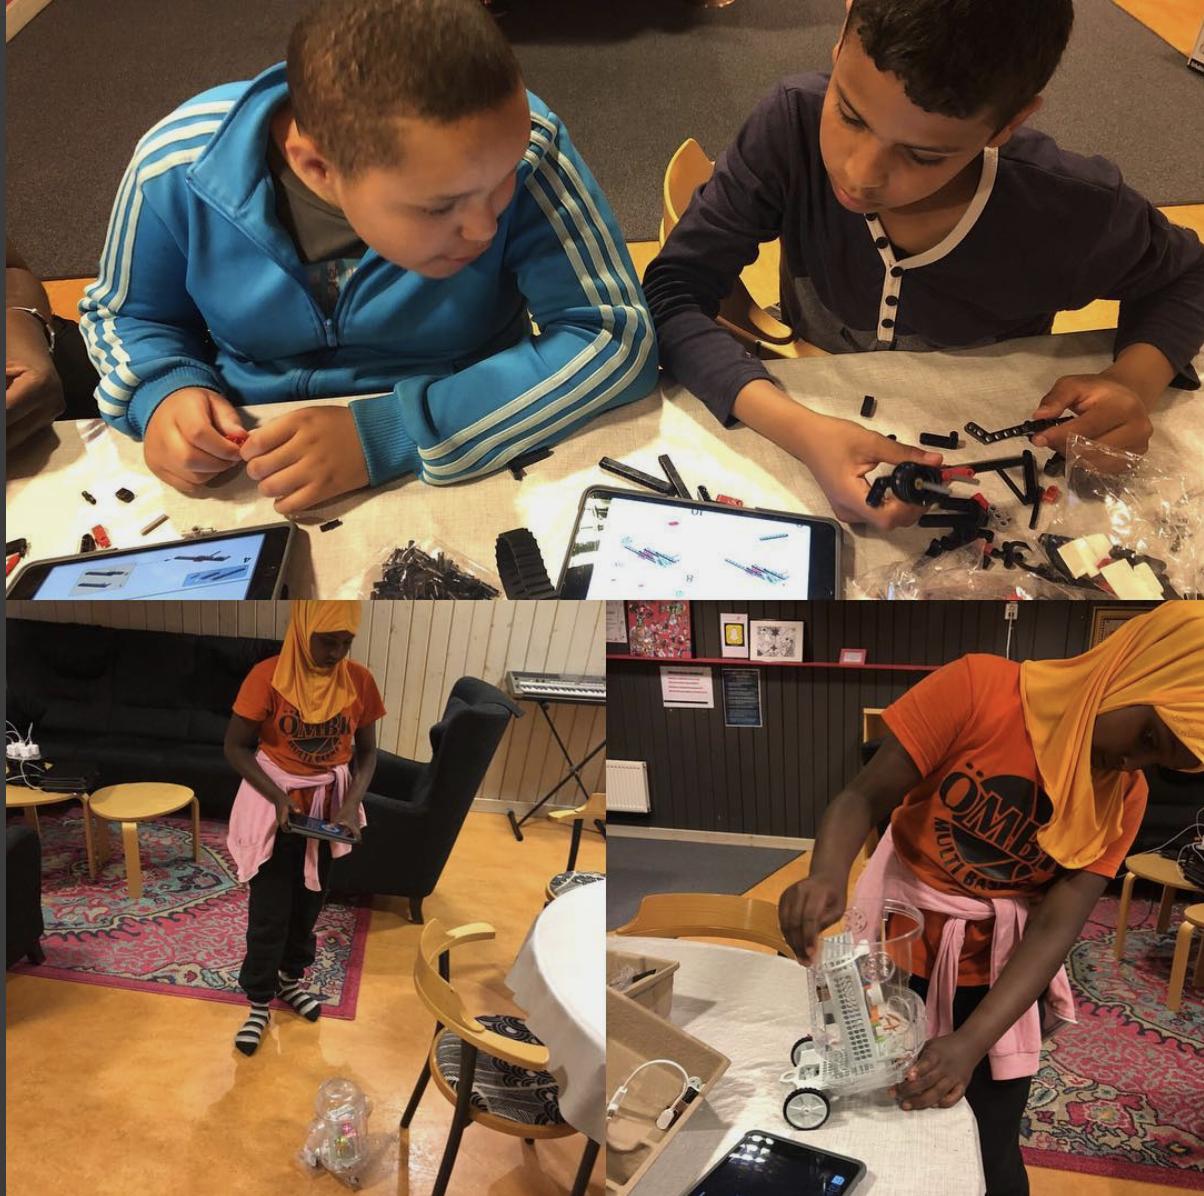 En av de aktiviteter du kan göra hos oss är att bygga och programmera robotar.